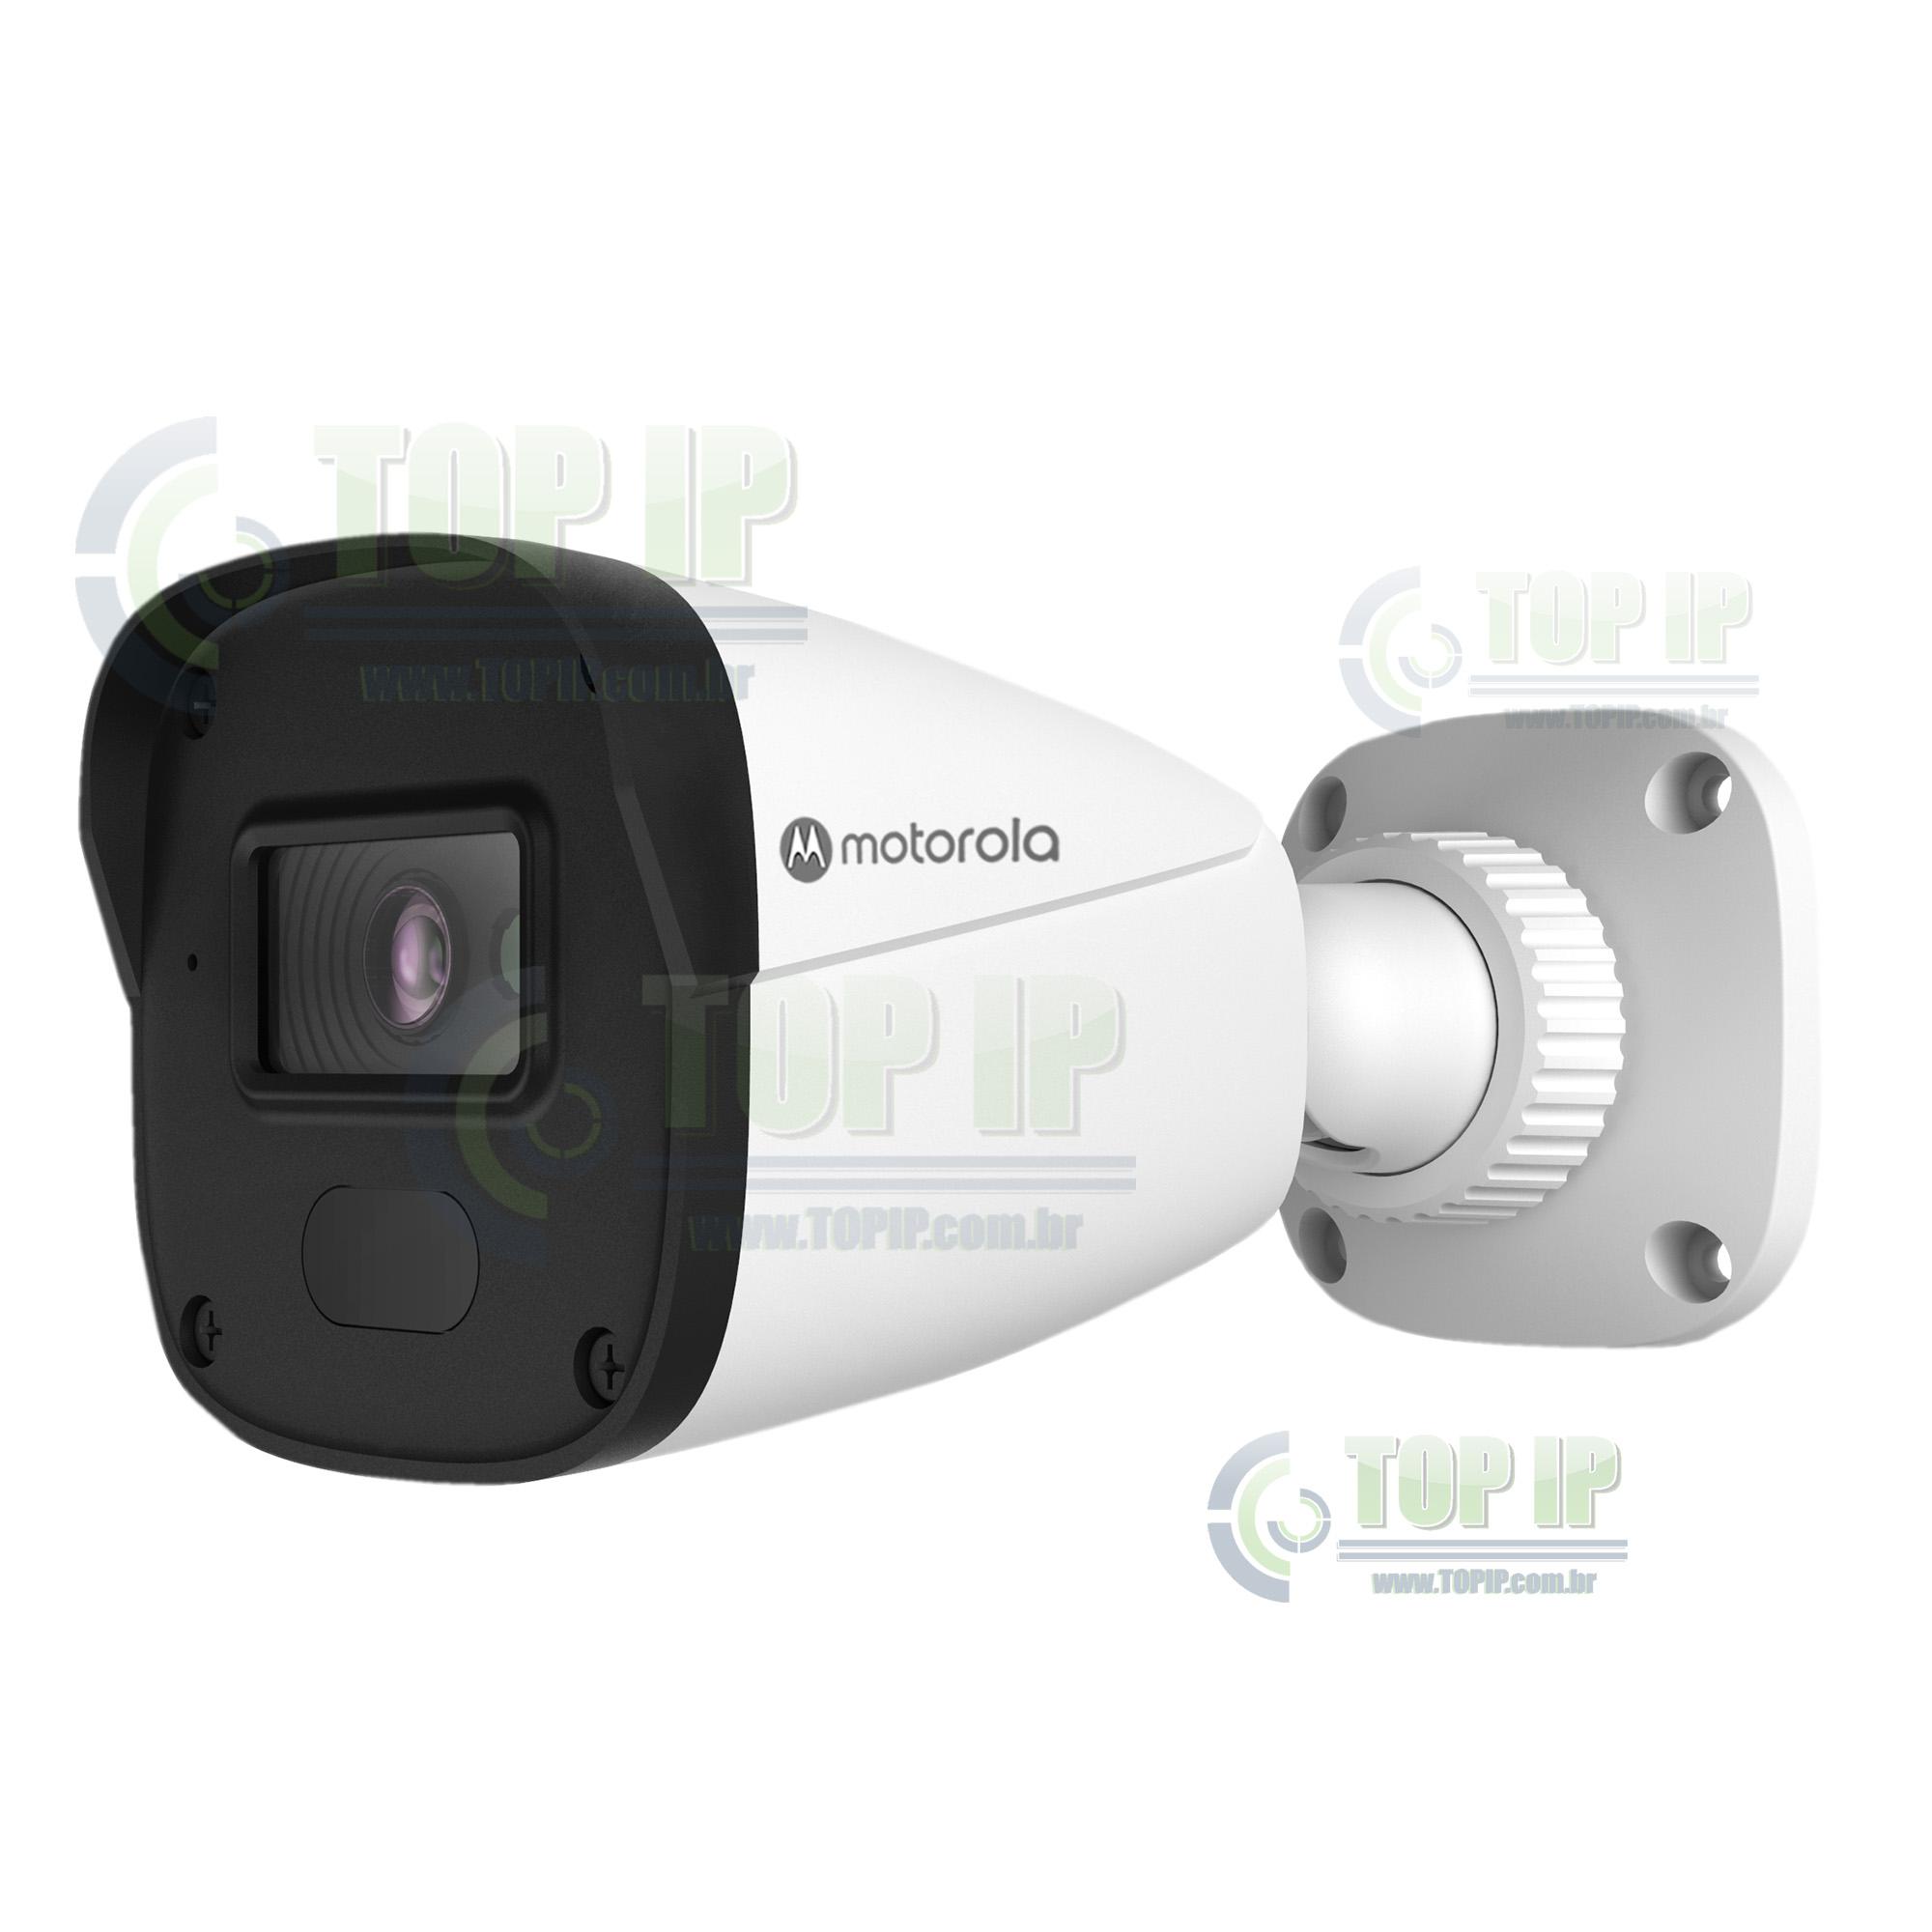 CAMERA BULLET 1080P 3.6MM 20M 4X1 MOTOROLA MTABP022602